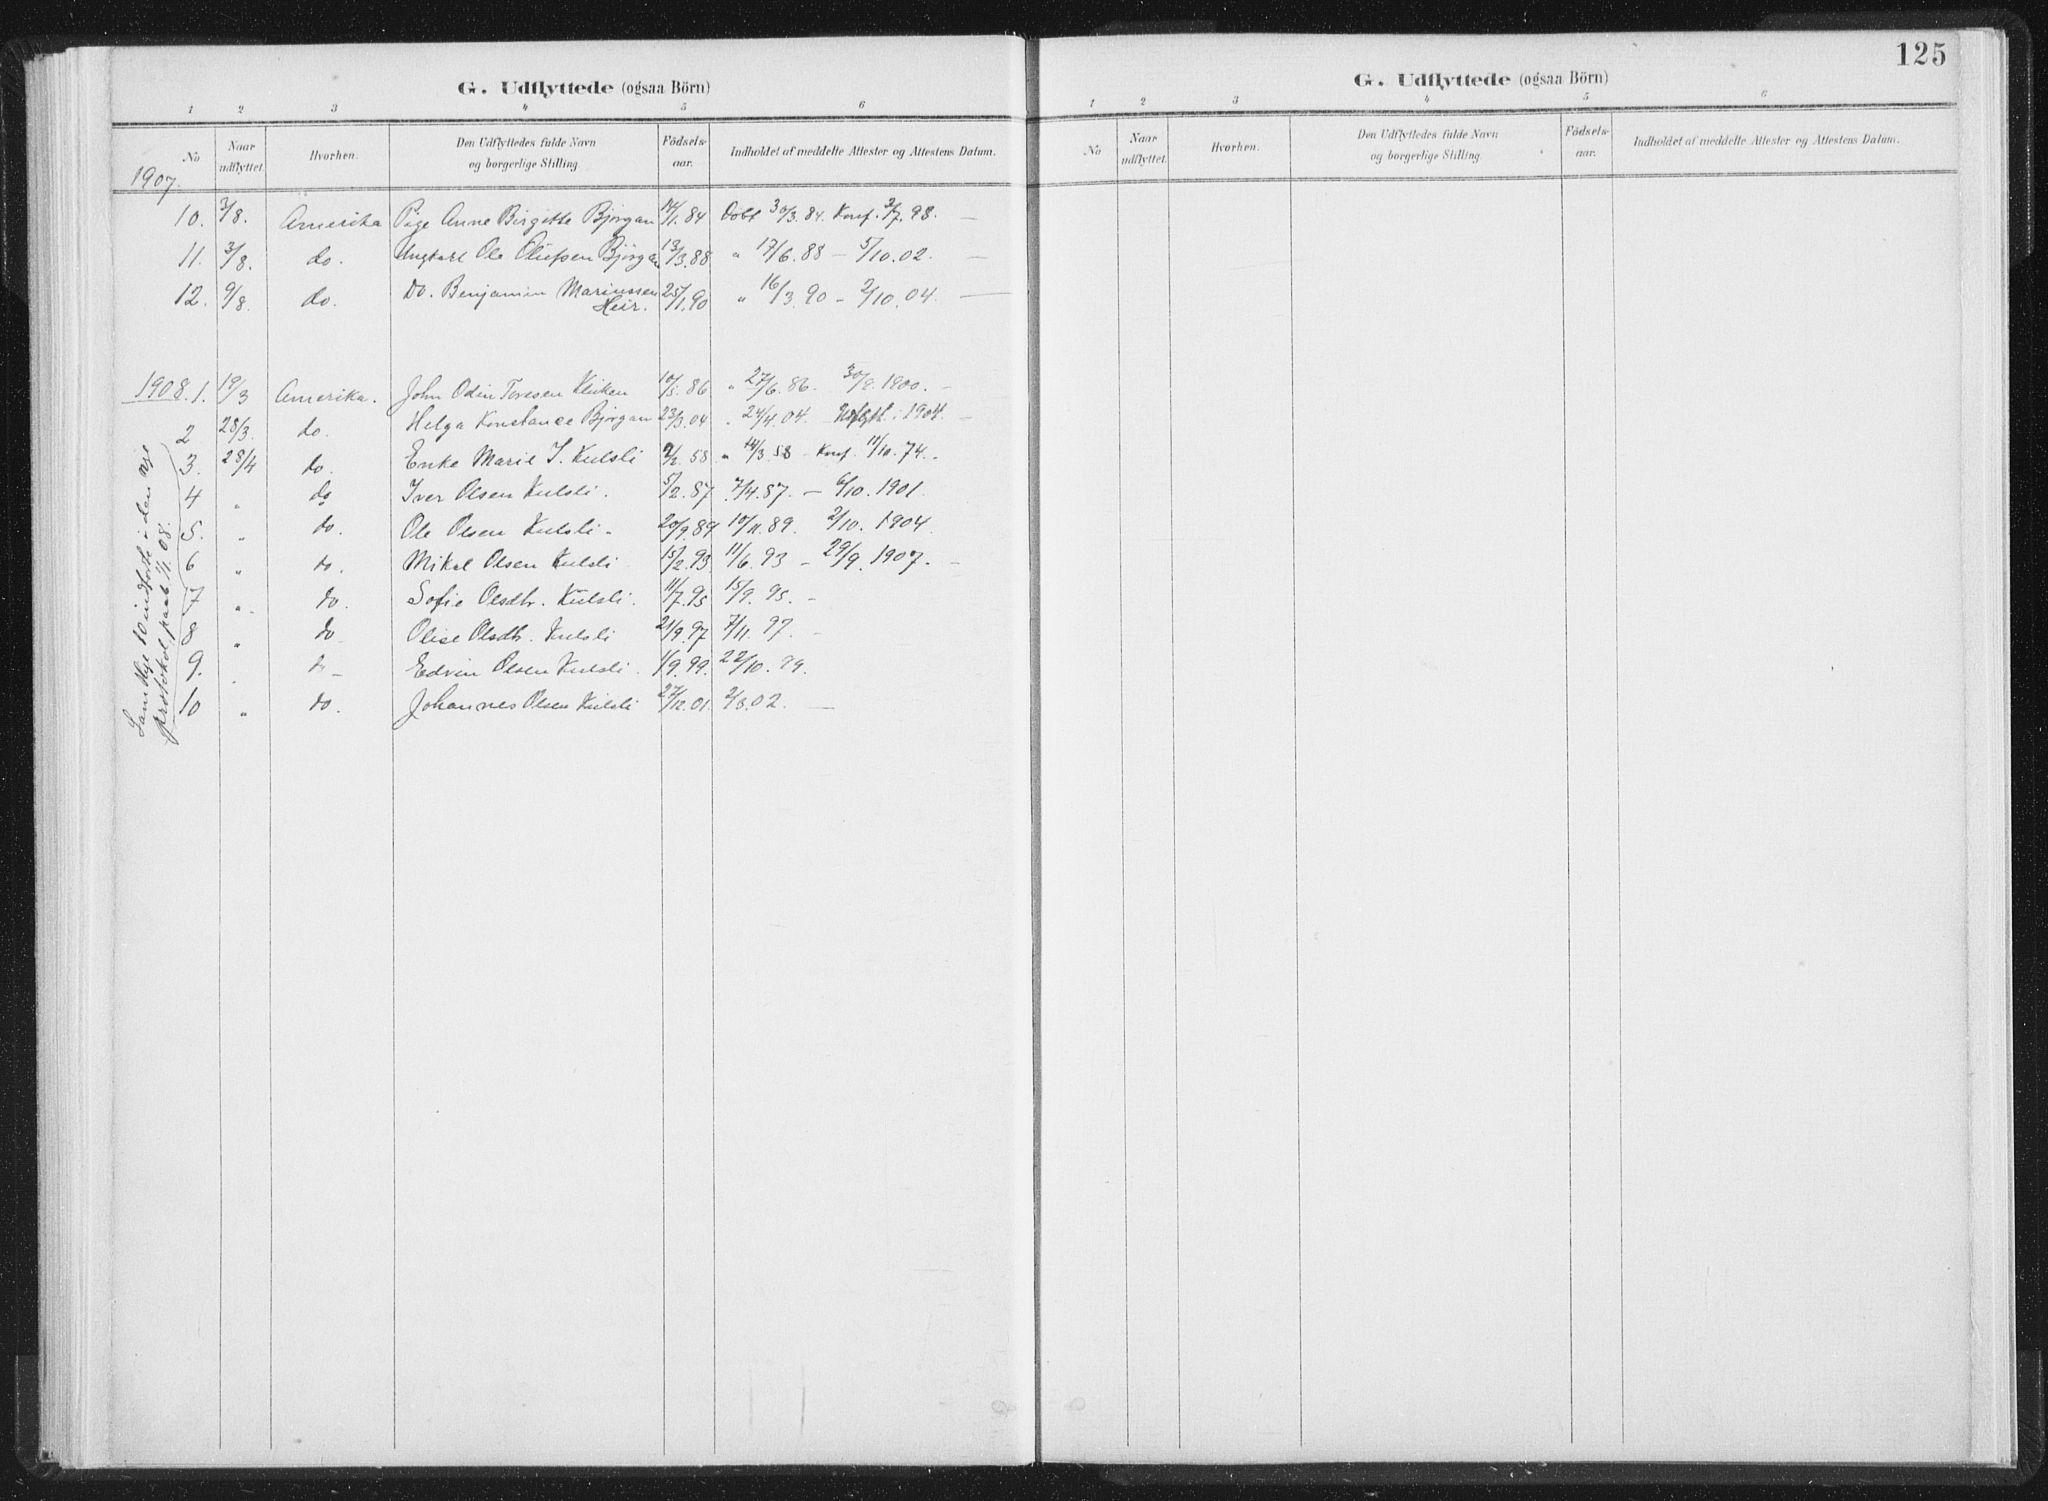 SAT, Ministerialprotokoller, klokkerbøker og fødselsregistre - Nord-Trøndelag, 724/L0263: Ministerialbok nr. 724A01, 1891-1907, s. 125